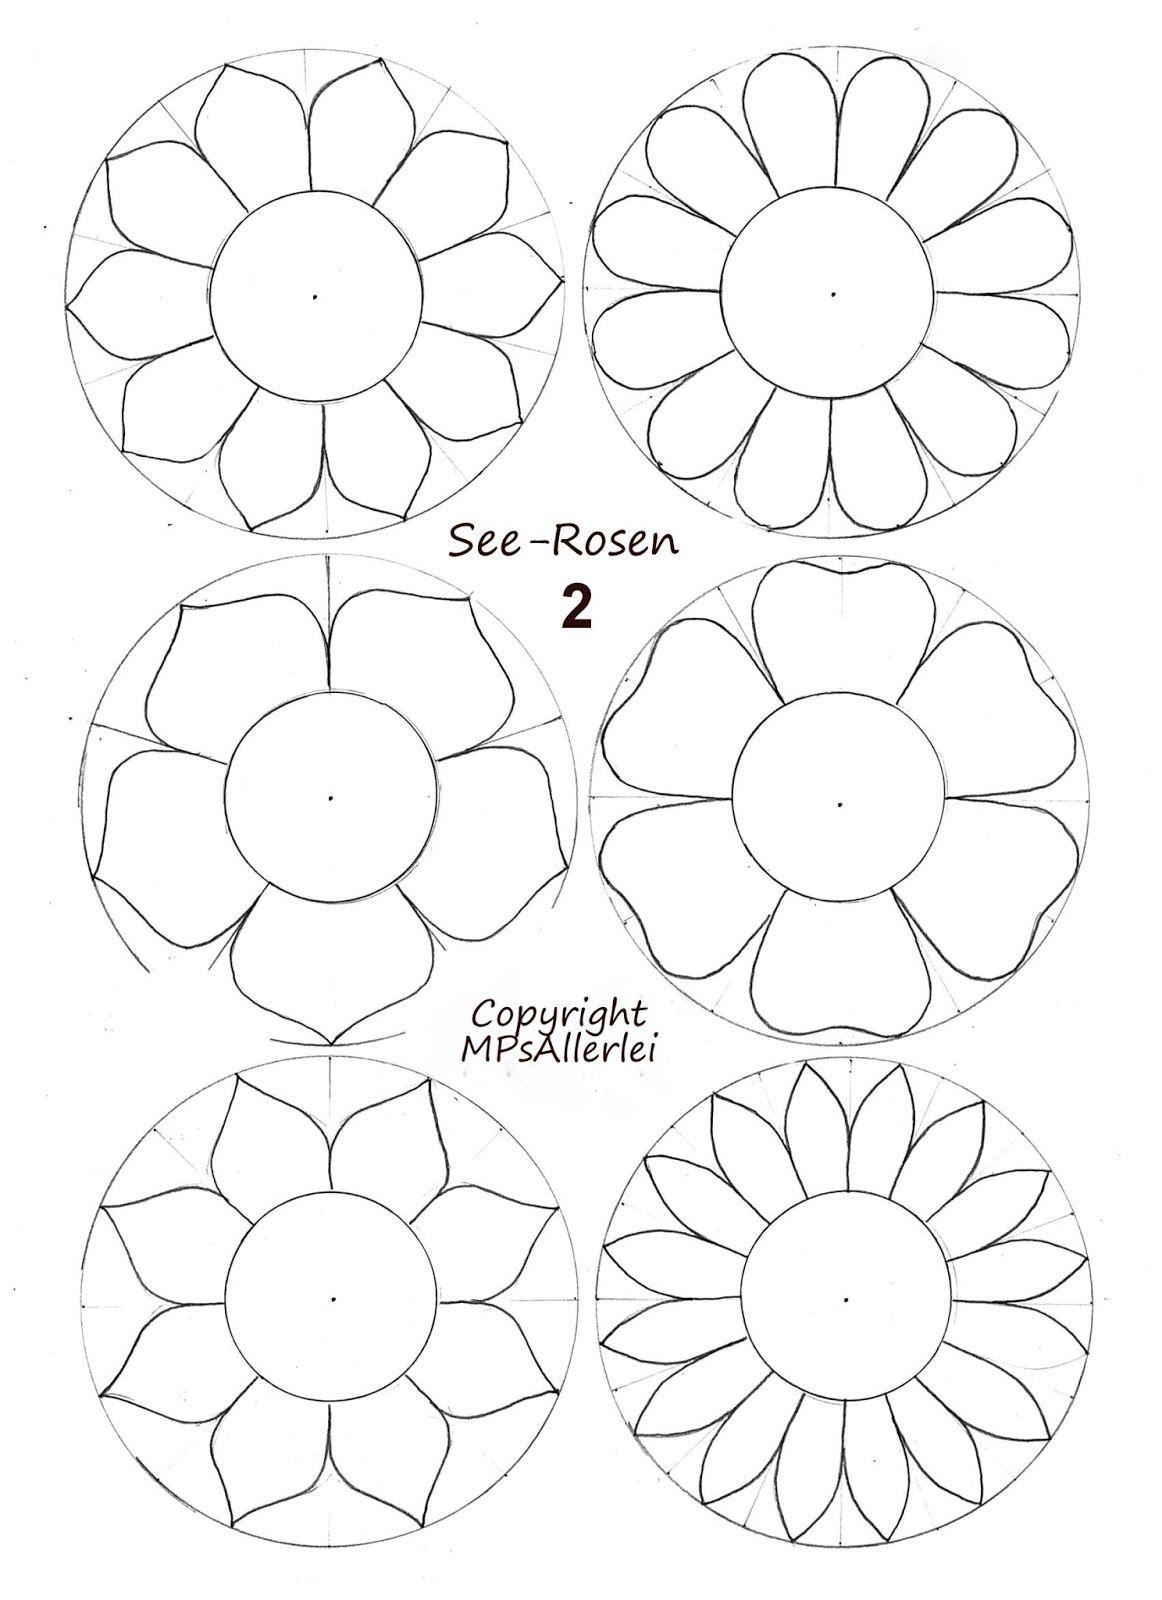 Mps Allerlei Ausdruckvorlage Seerosen 2 In 2020 Vorlagen Blumen Basteln Blumen Vorlage Blumen Basteln